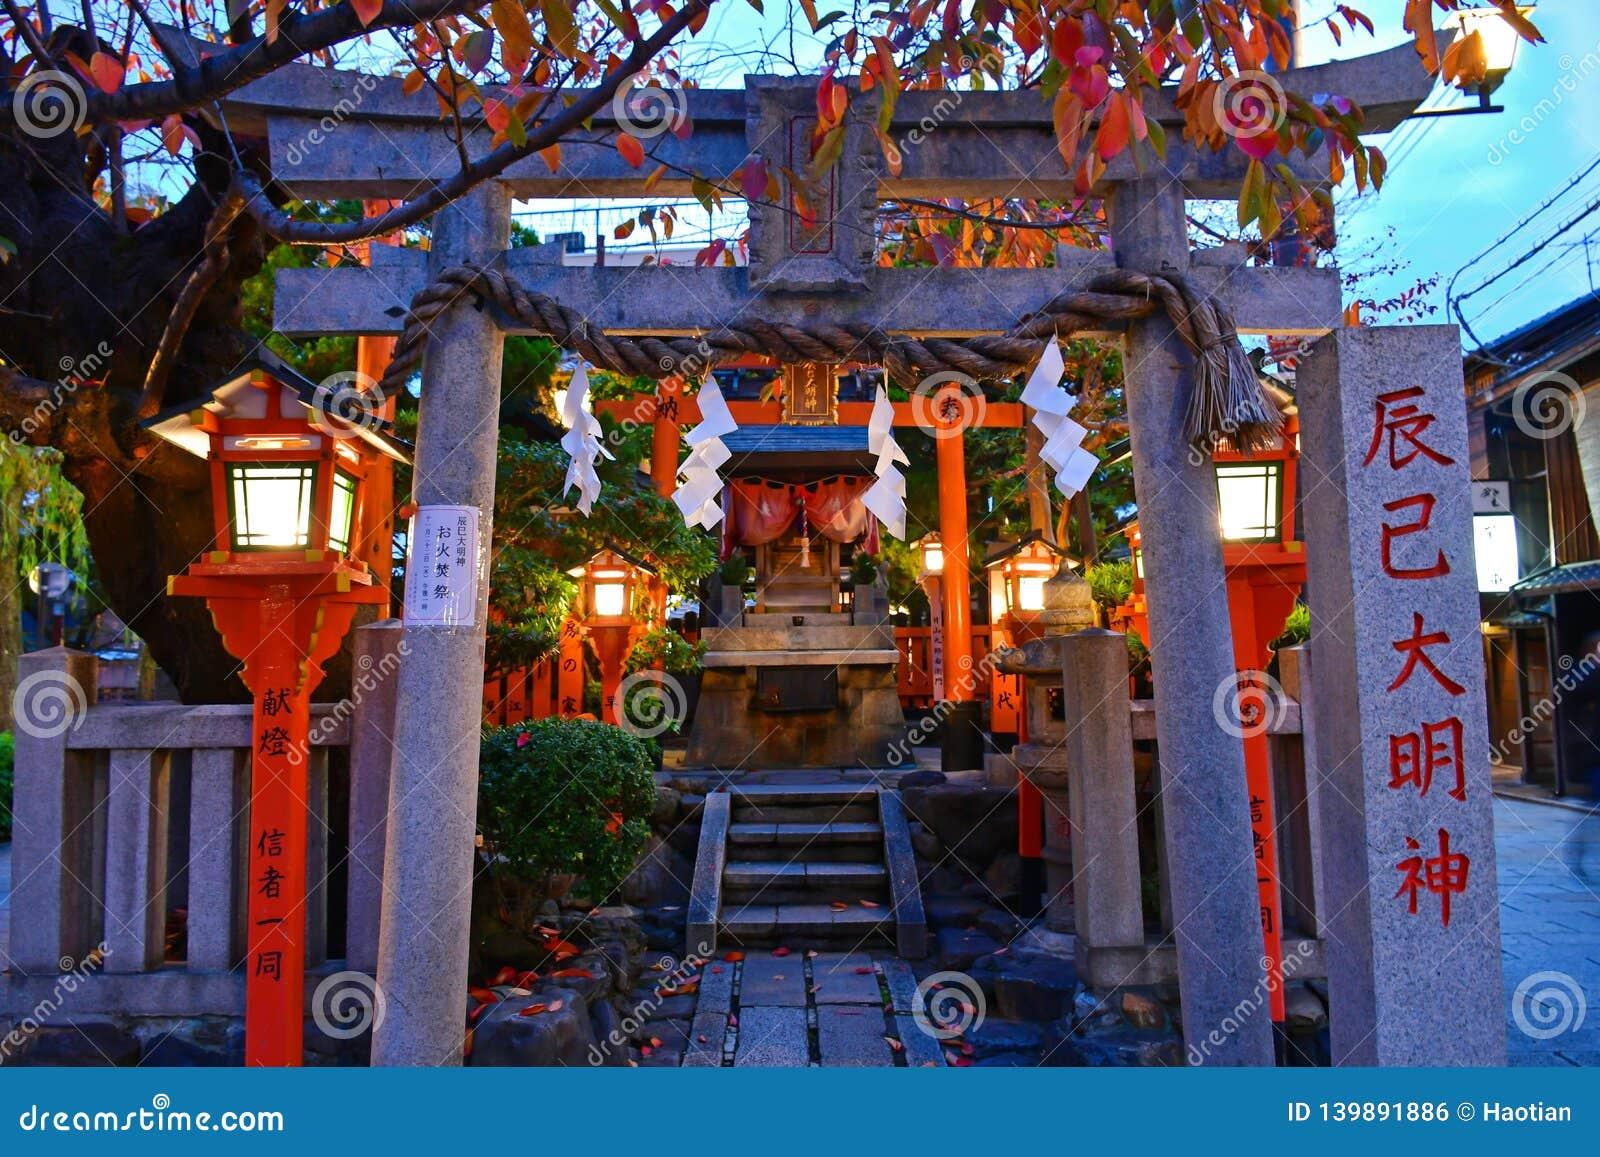 Tatsumi DaimyÅ 在京都的Gion白川町区的金寺庙